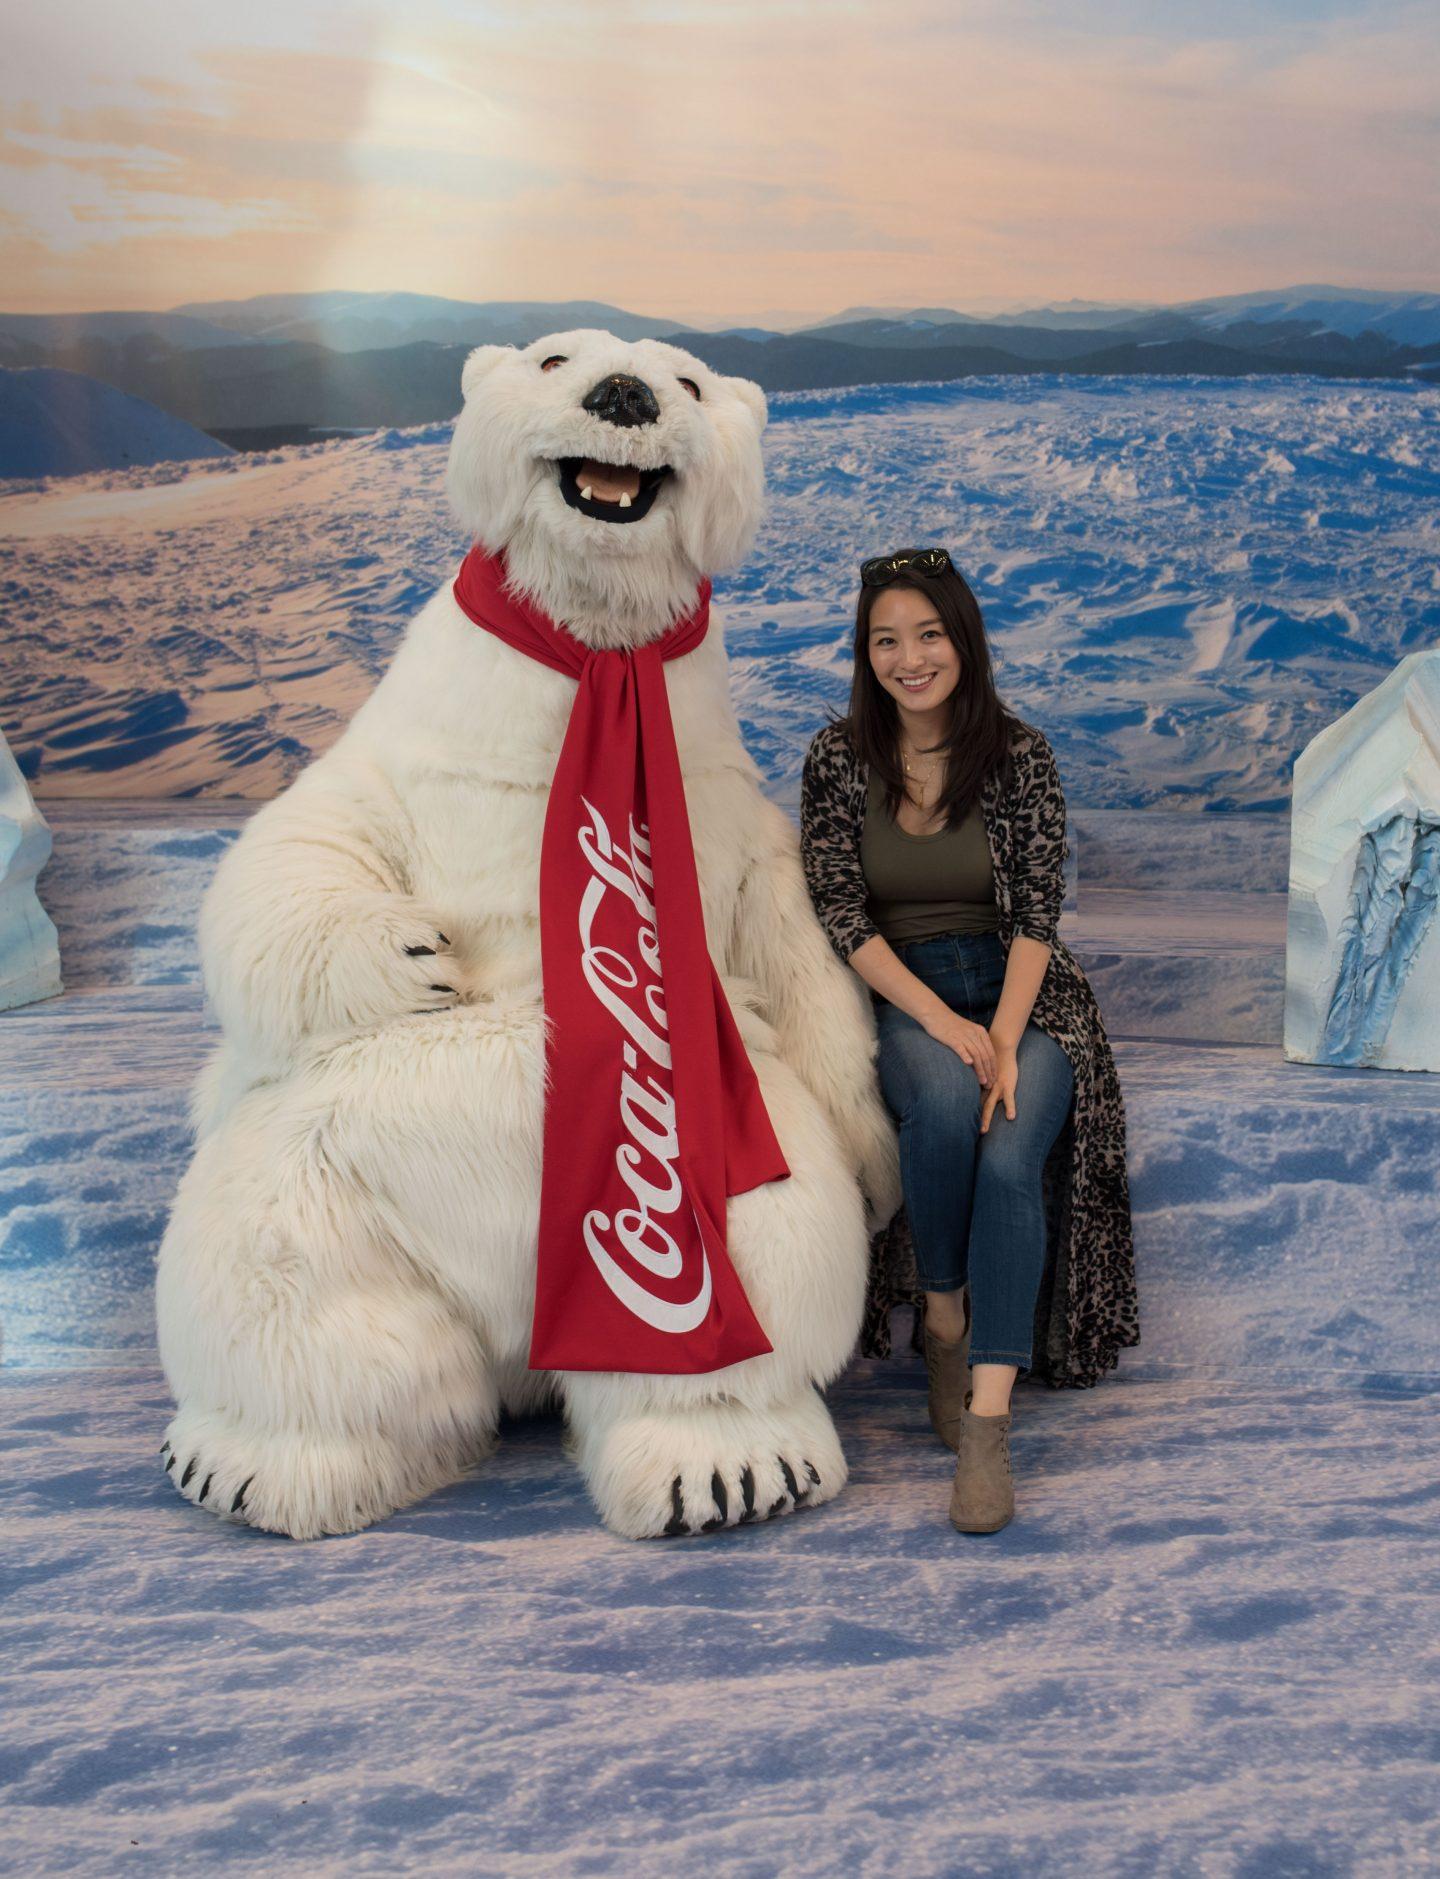 World of Coca Cola polar bear